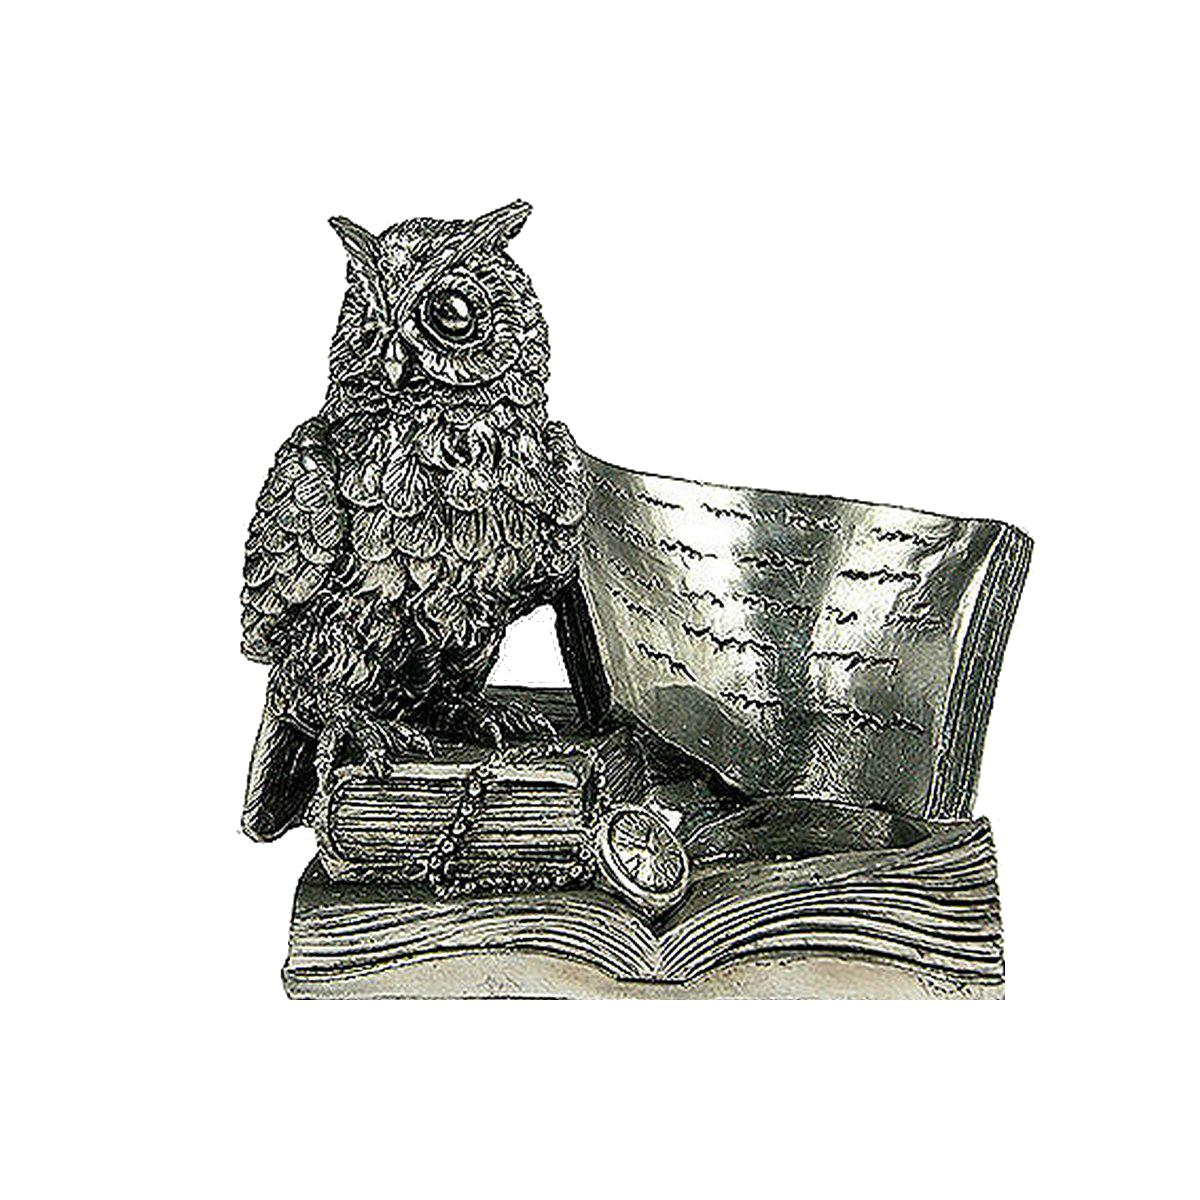 Коньячница Русские Подарки, 9 х 12 х 12 см статуэтка русские подарки мисс рандеву 11 х 10 х 31 см